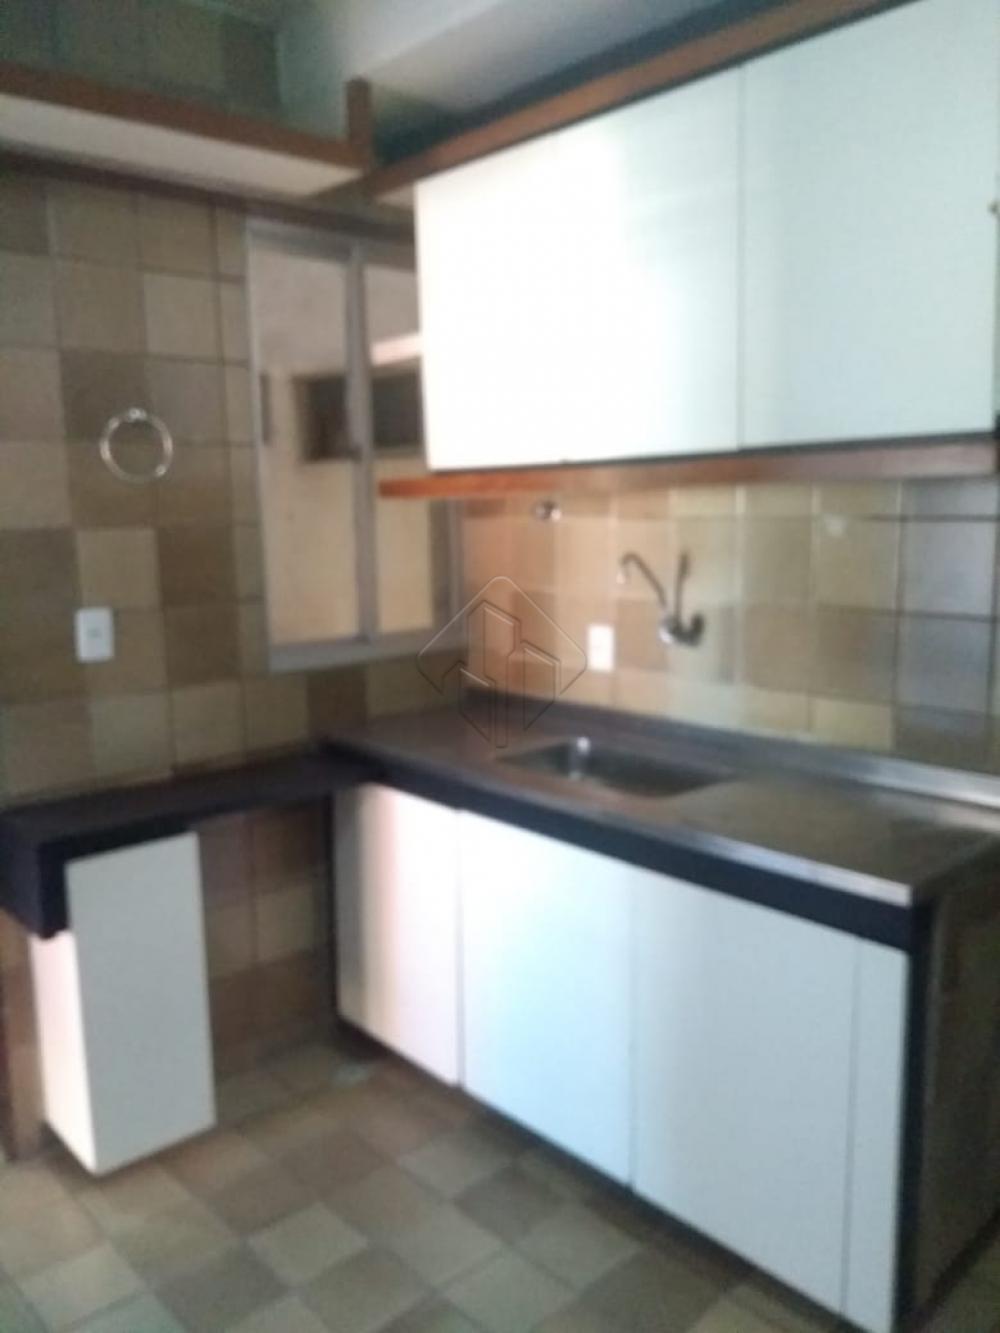 Comprar Apartamento / Padrão em João Pessoa apenas R$ 300.000,00 - Foto 89